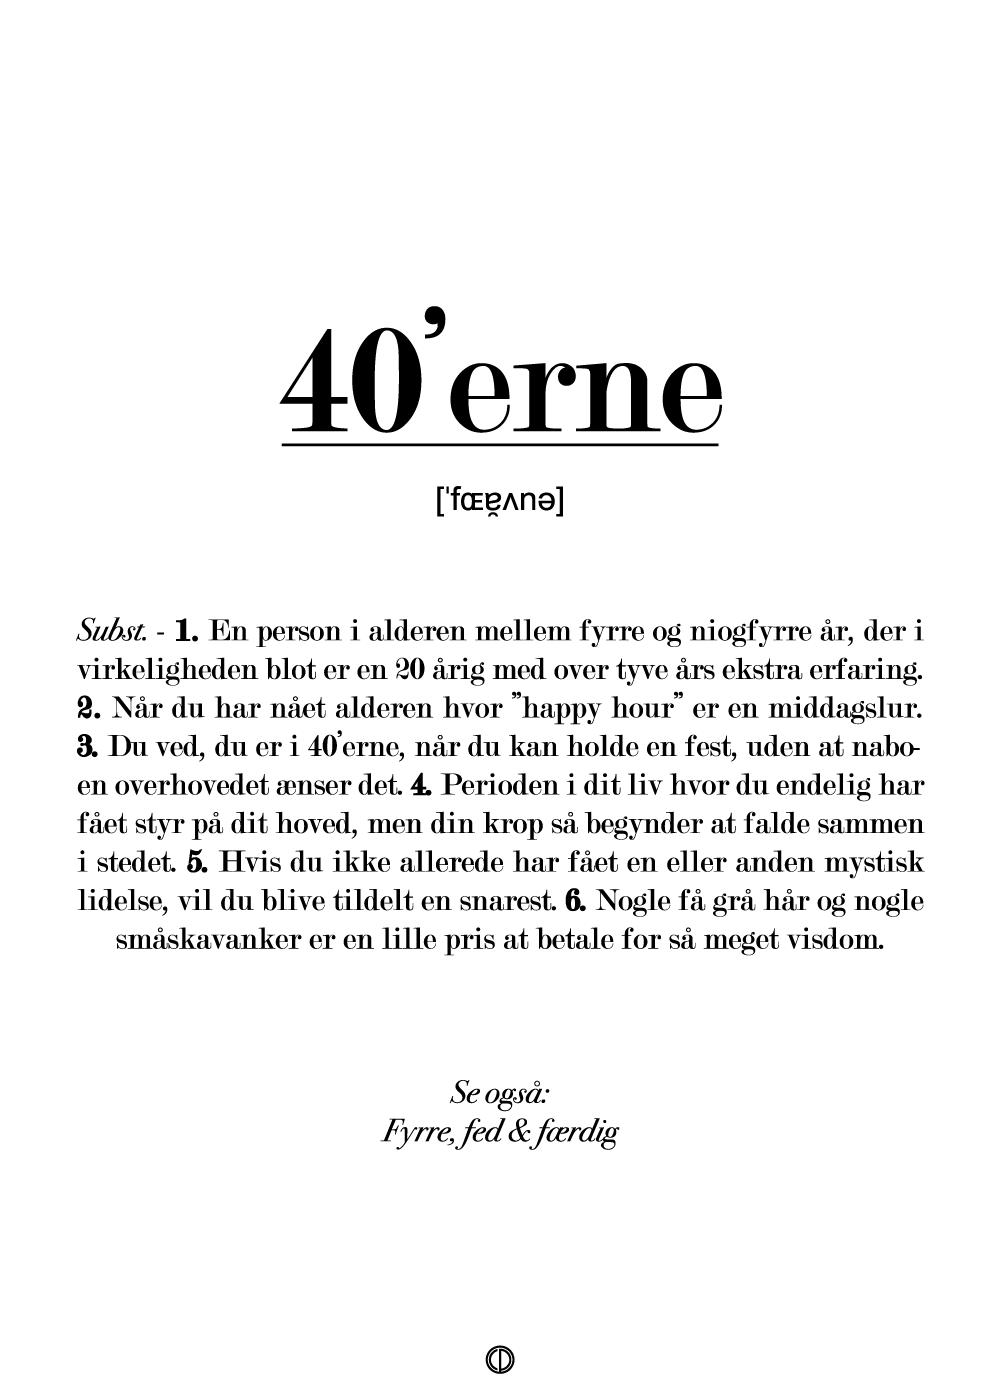 40'erne definition - plakat